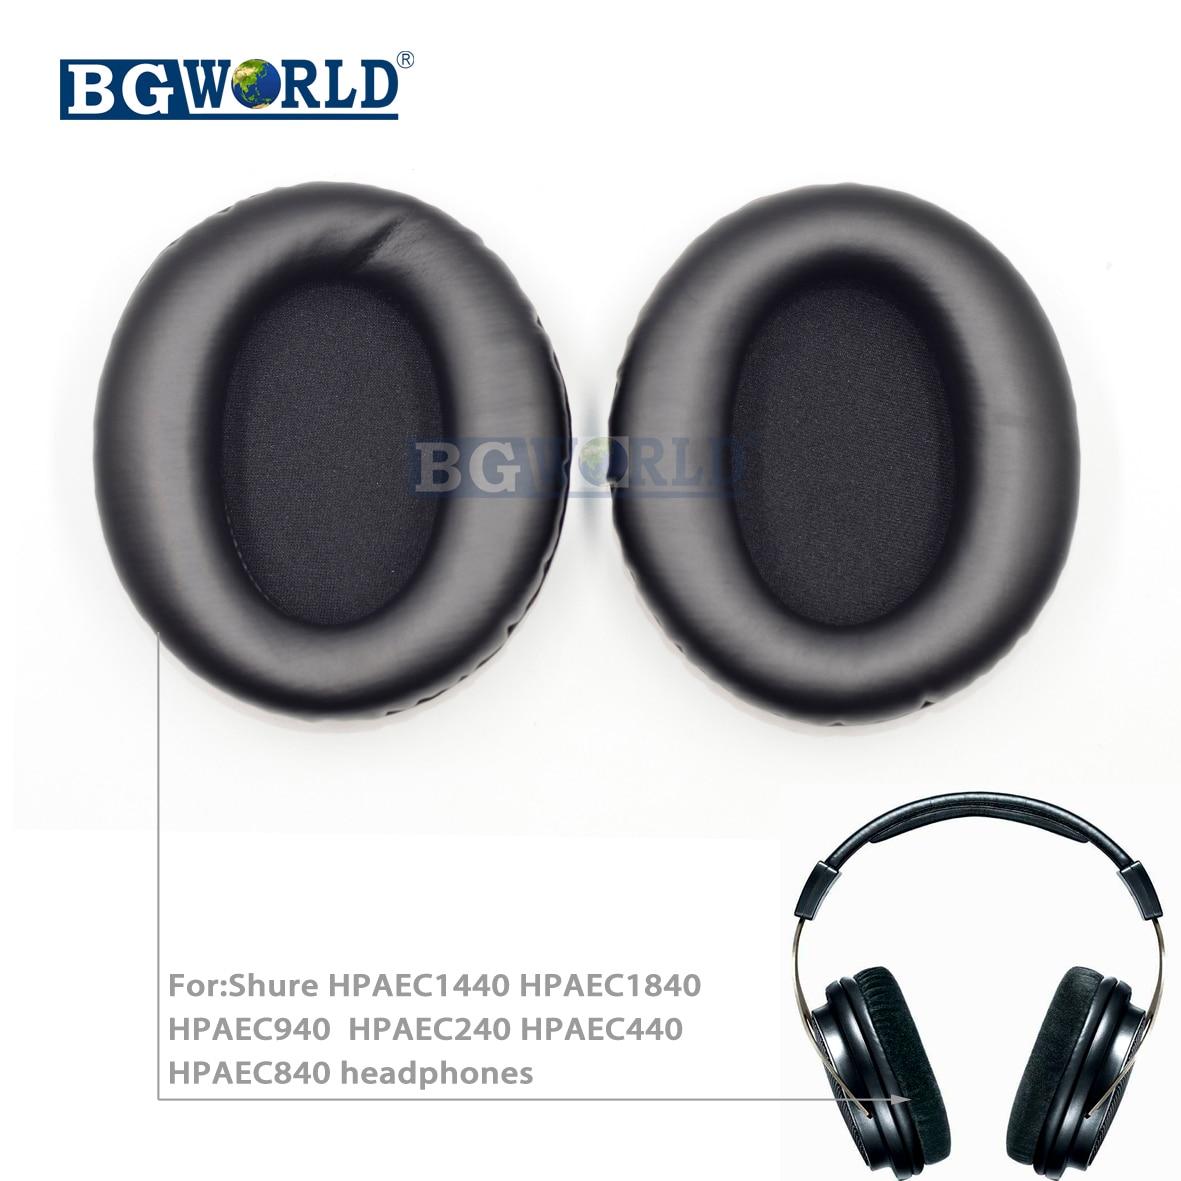 Almohadillas de repuesto almohadillas para los oídos almohadillas de almohada para Shure HPAEC1440 HPAEC1840 HPAEC940 HPAEC240 HPAEC440 HPAEC840 esponja de auriculares